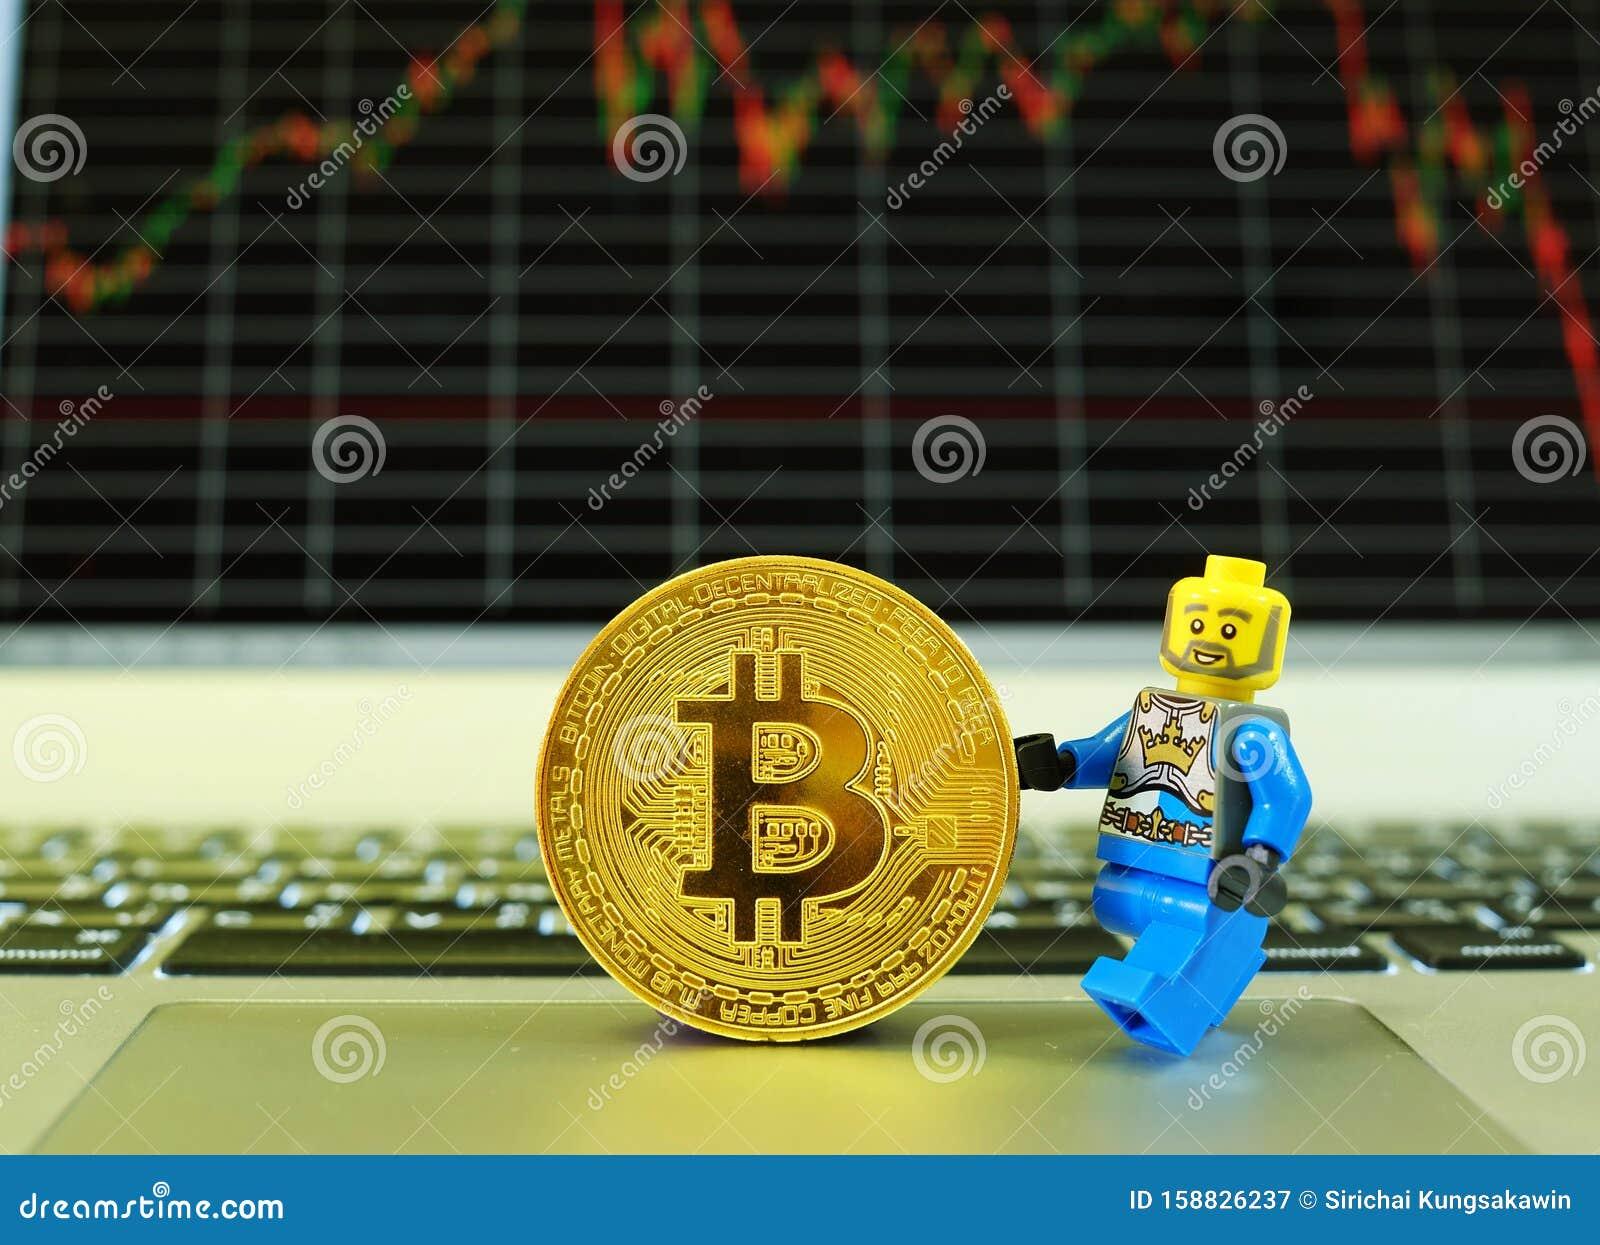 Megütötték a bitcoint - diosgazda.hu